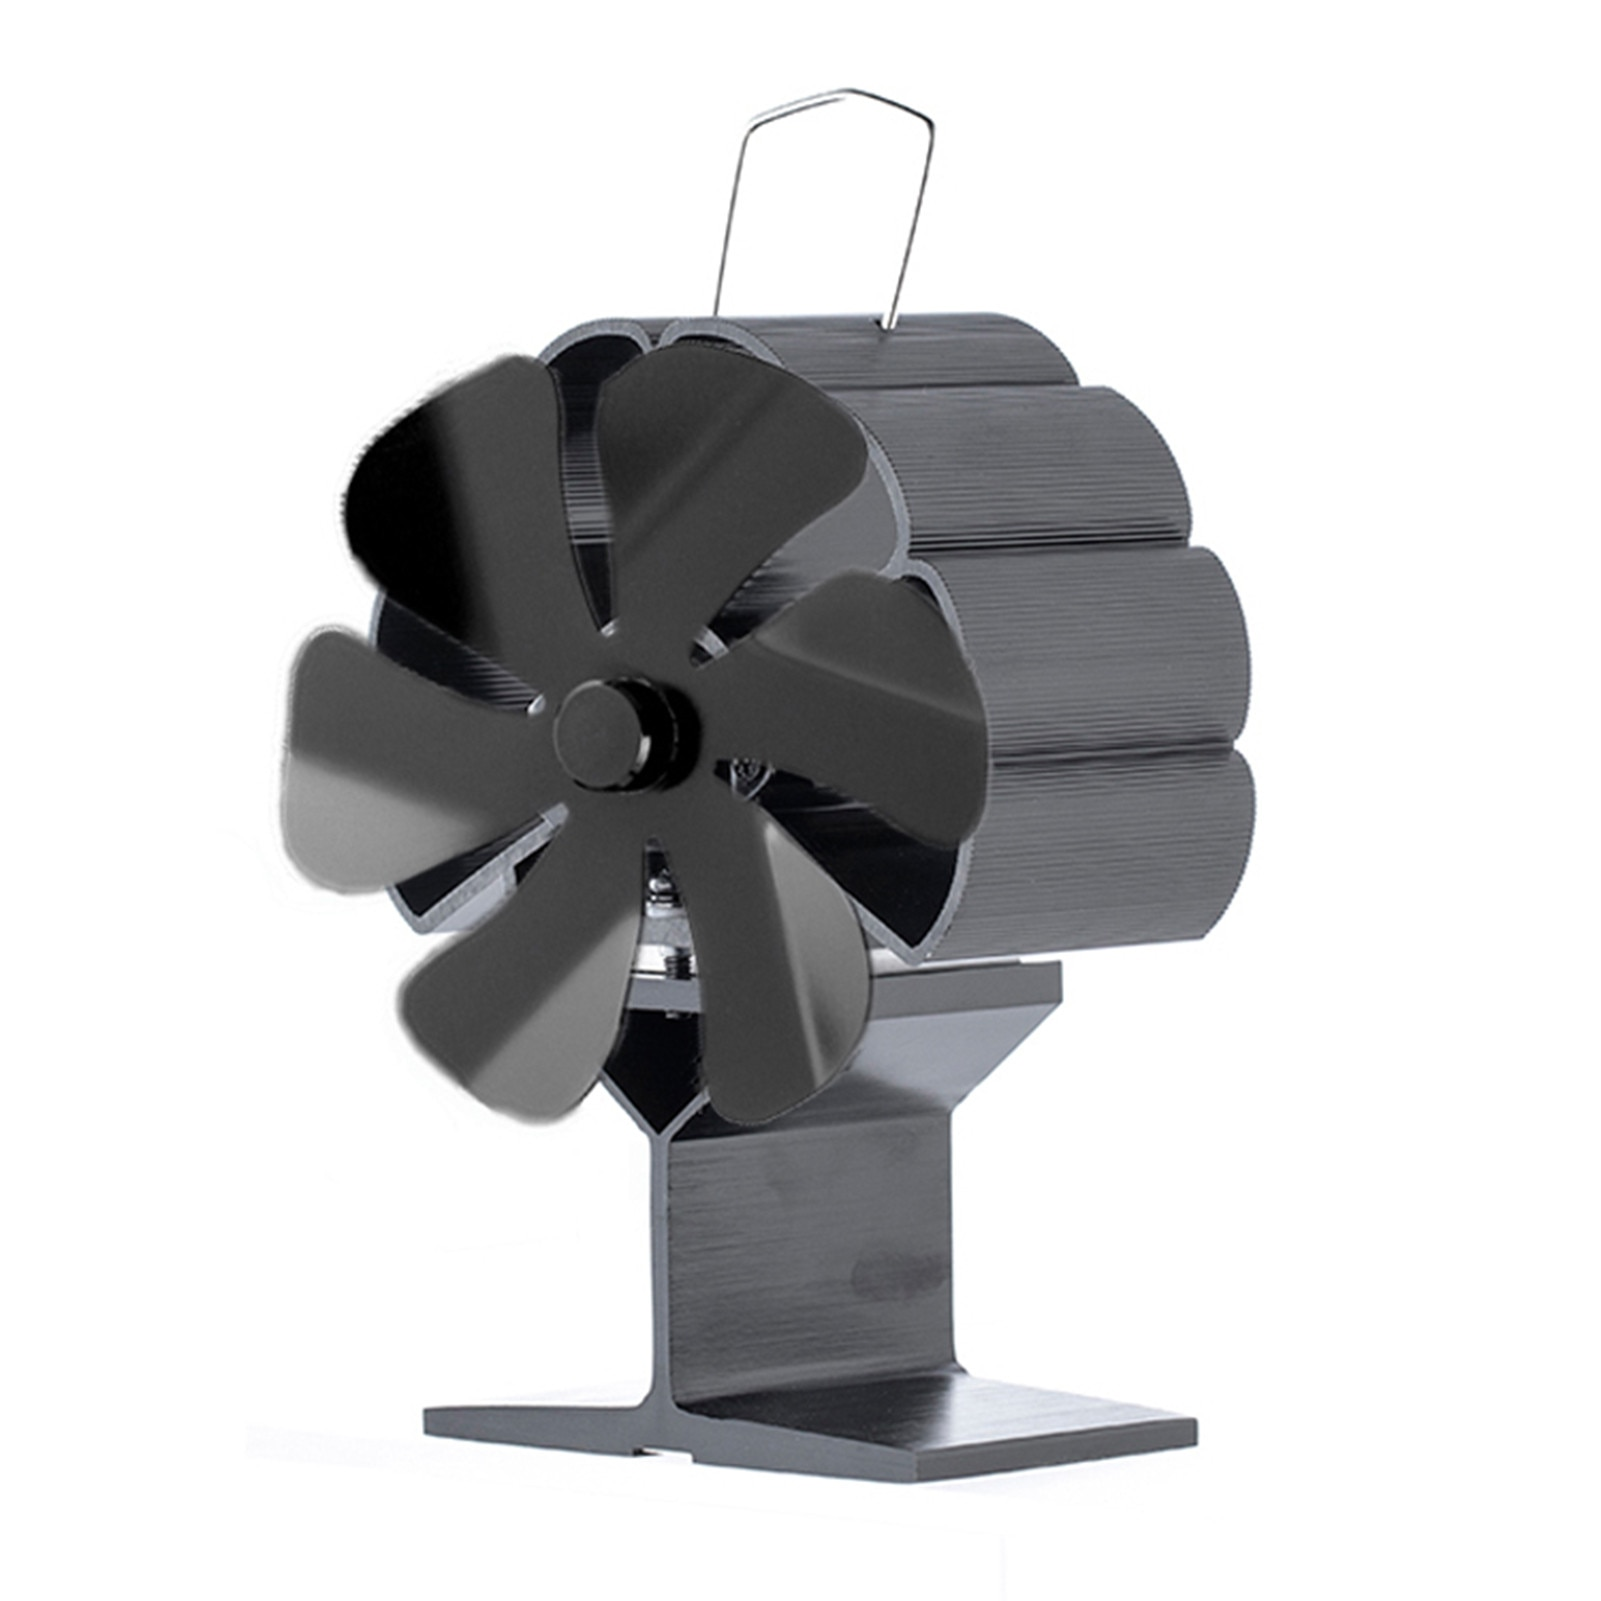 موقد صغير الموقد المنزل موقد يعمل بالطاقة الحرارية الصغيرة أقل الوقود لا ضوضاء 6 ريشة موقد الموقد مروحة مع جهاز الأمن متعلق بنظام المعدنين